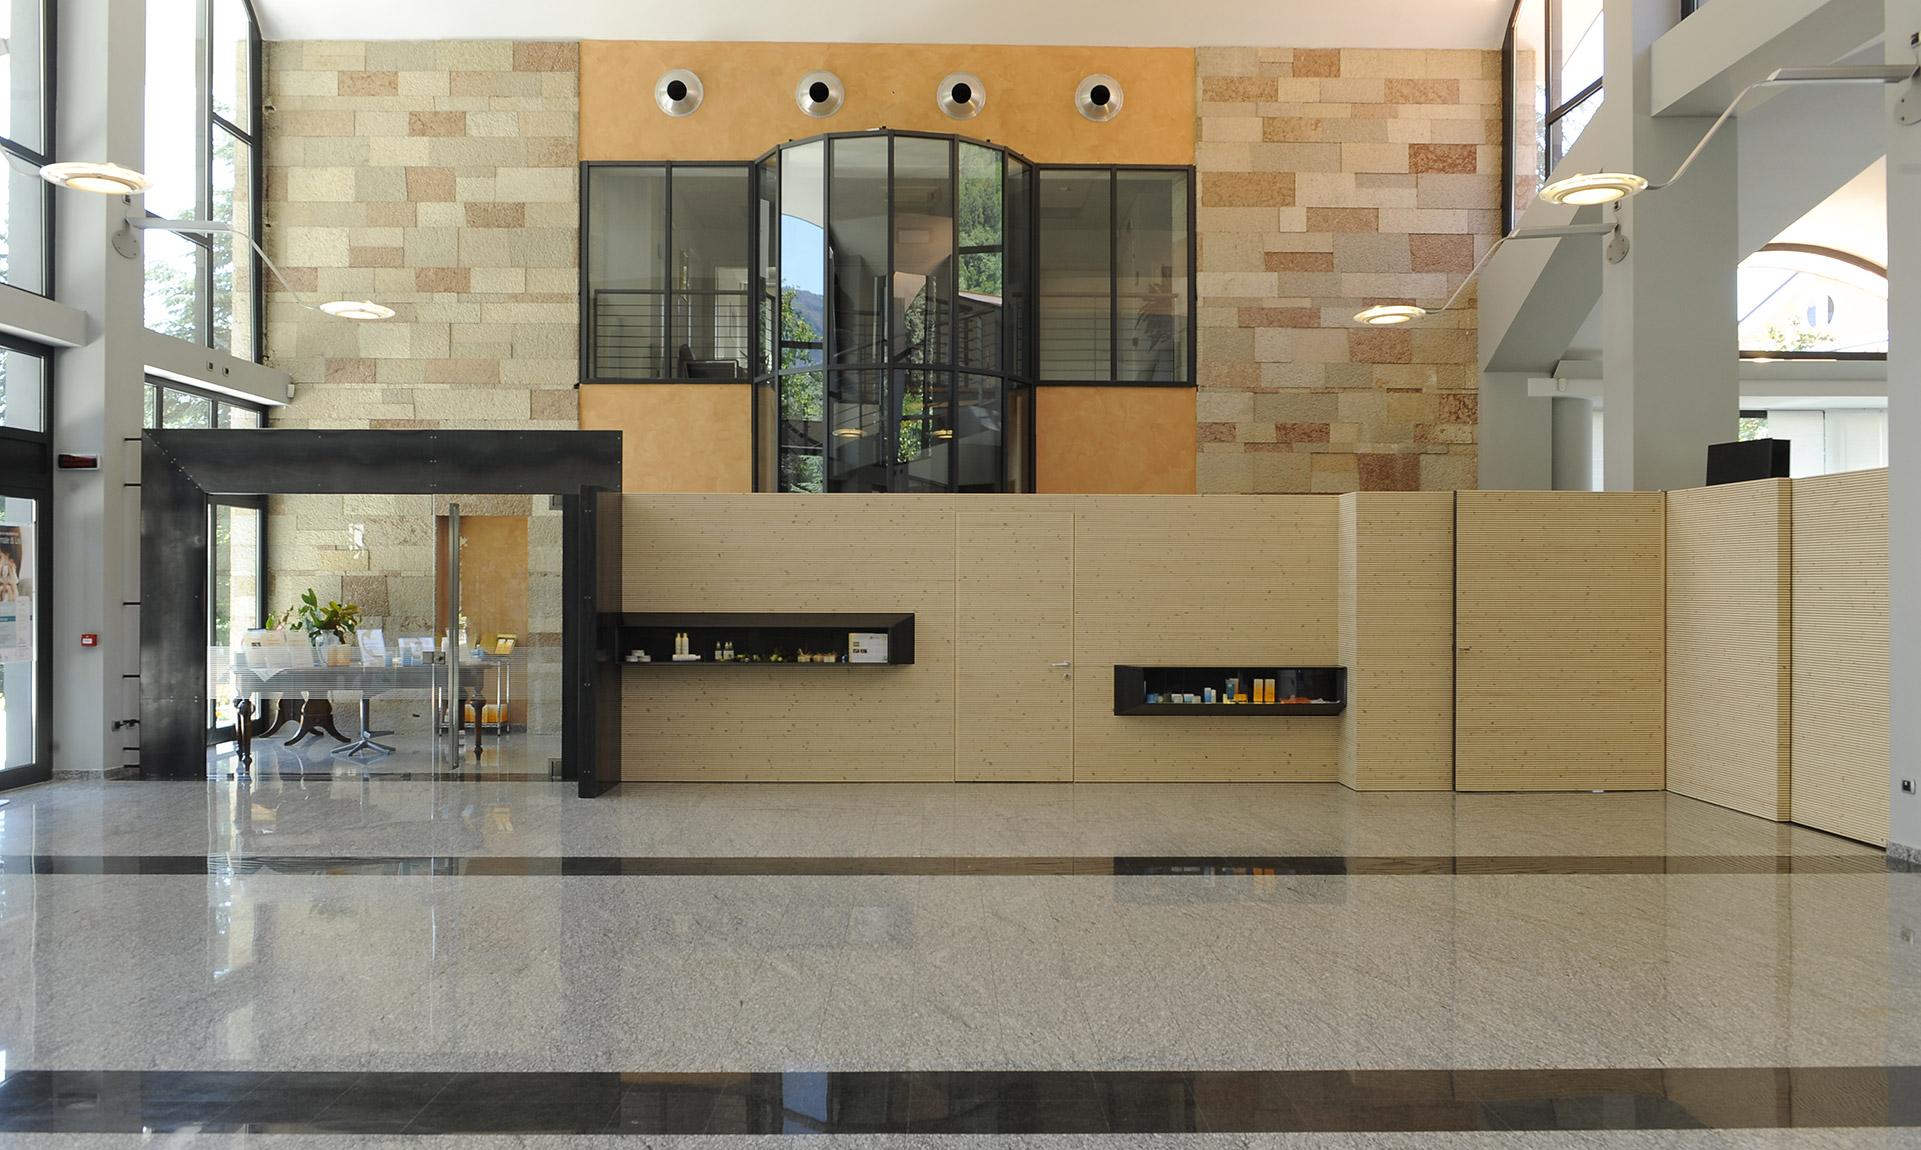 Uffici con divisorie in legno Corazzolla Arredamenti